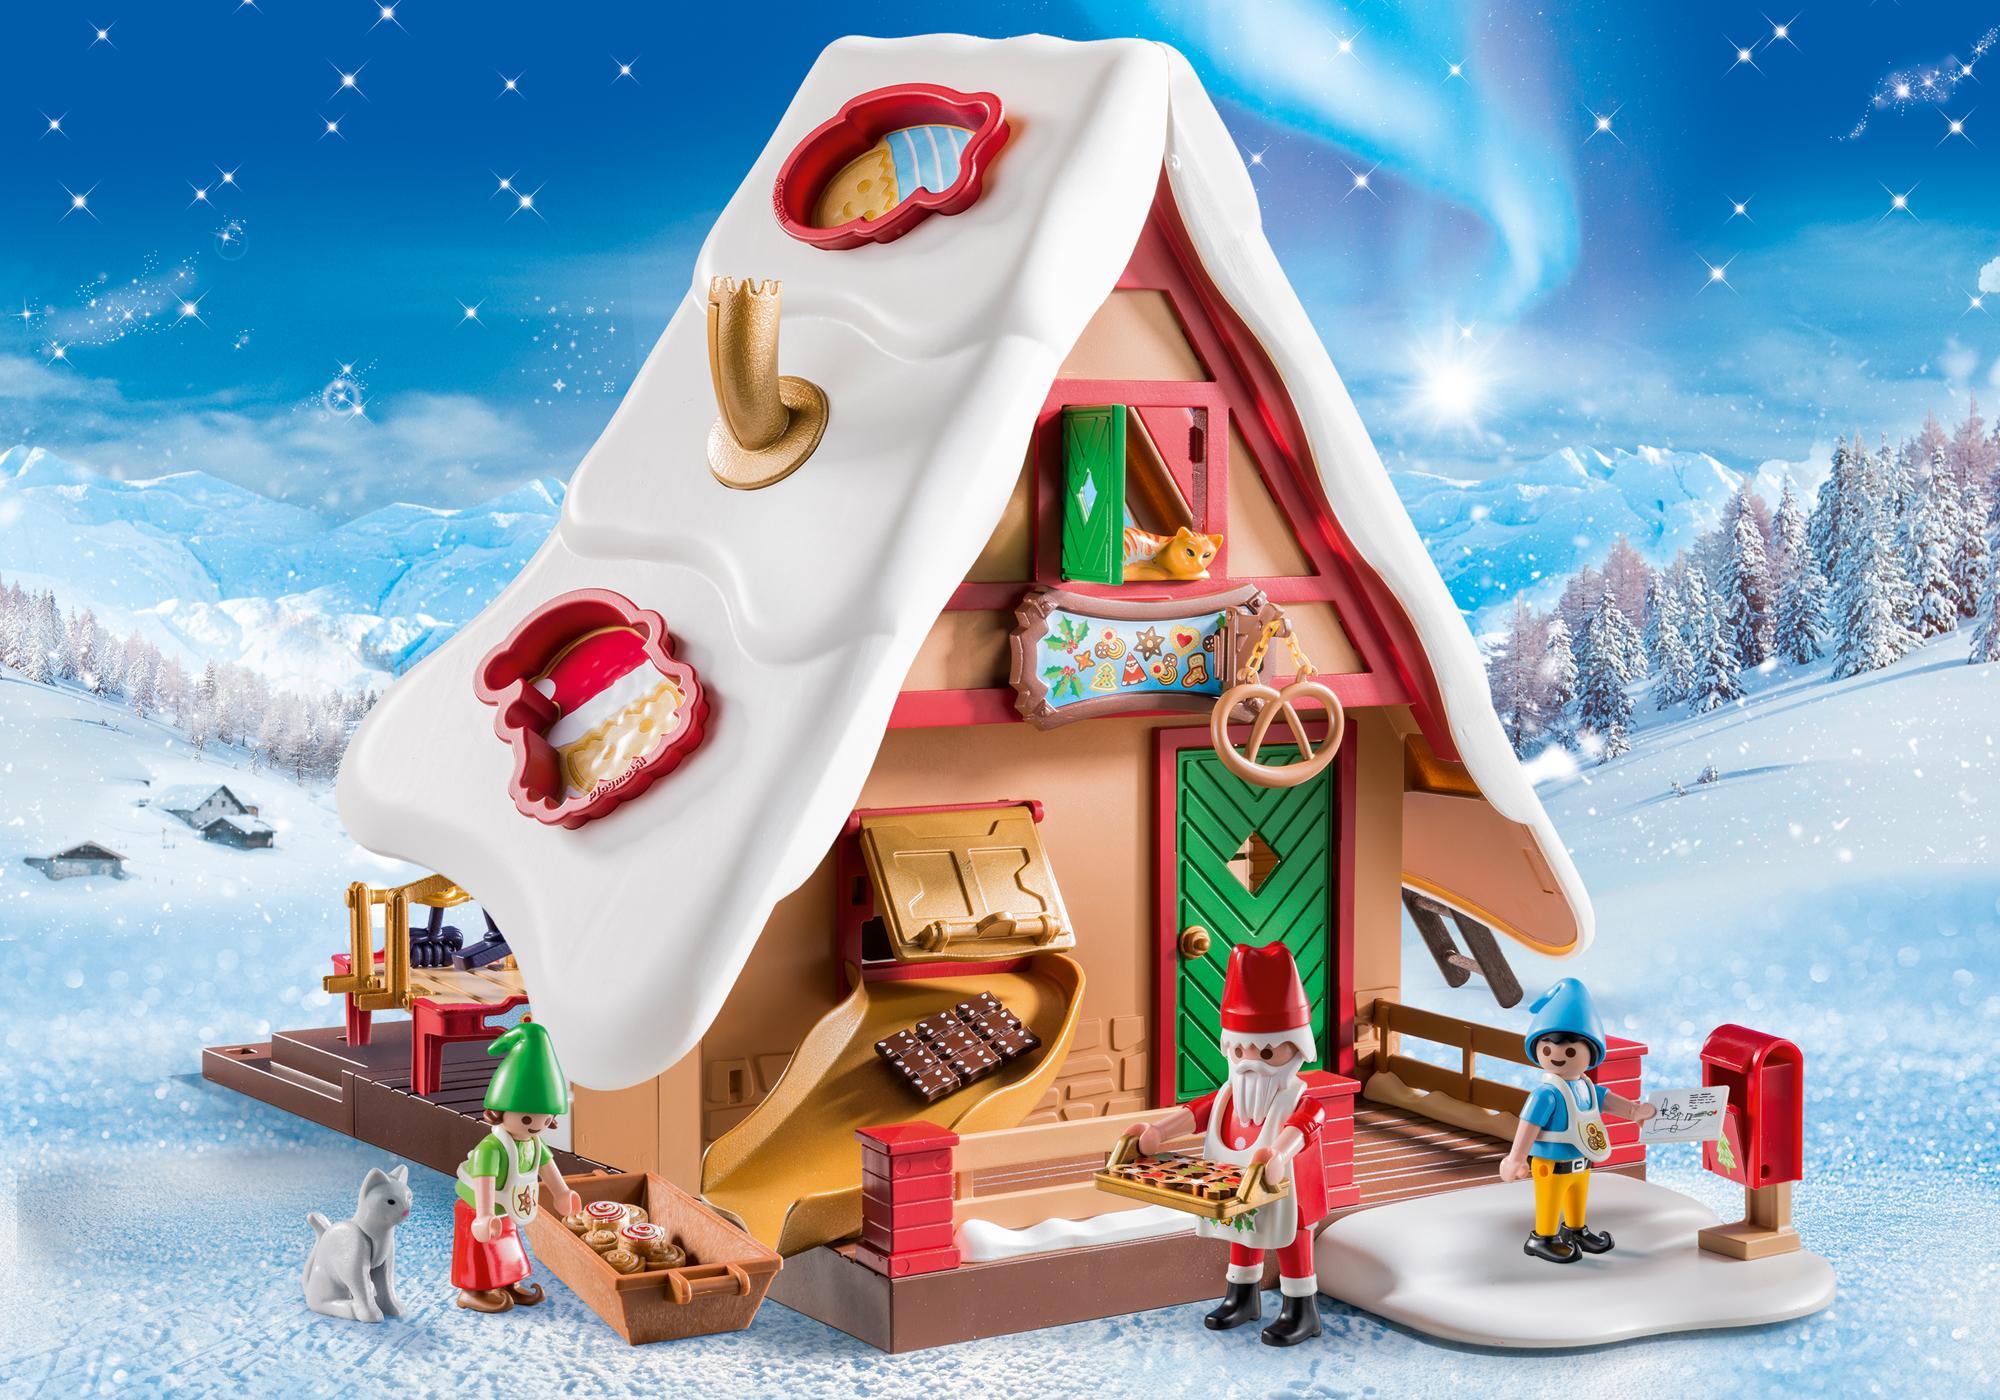 9493_product_detail/Julebageri med småkageskærere